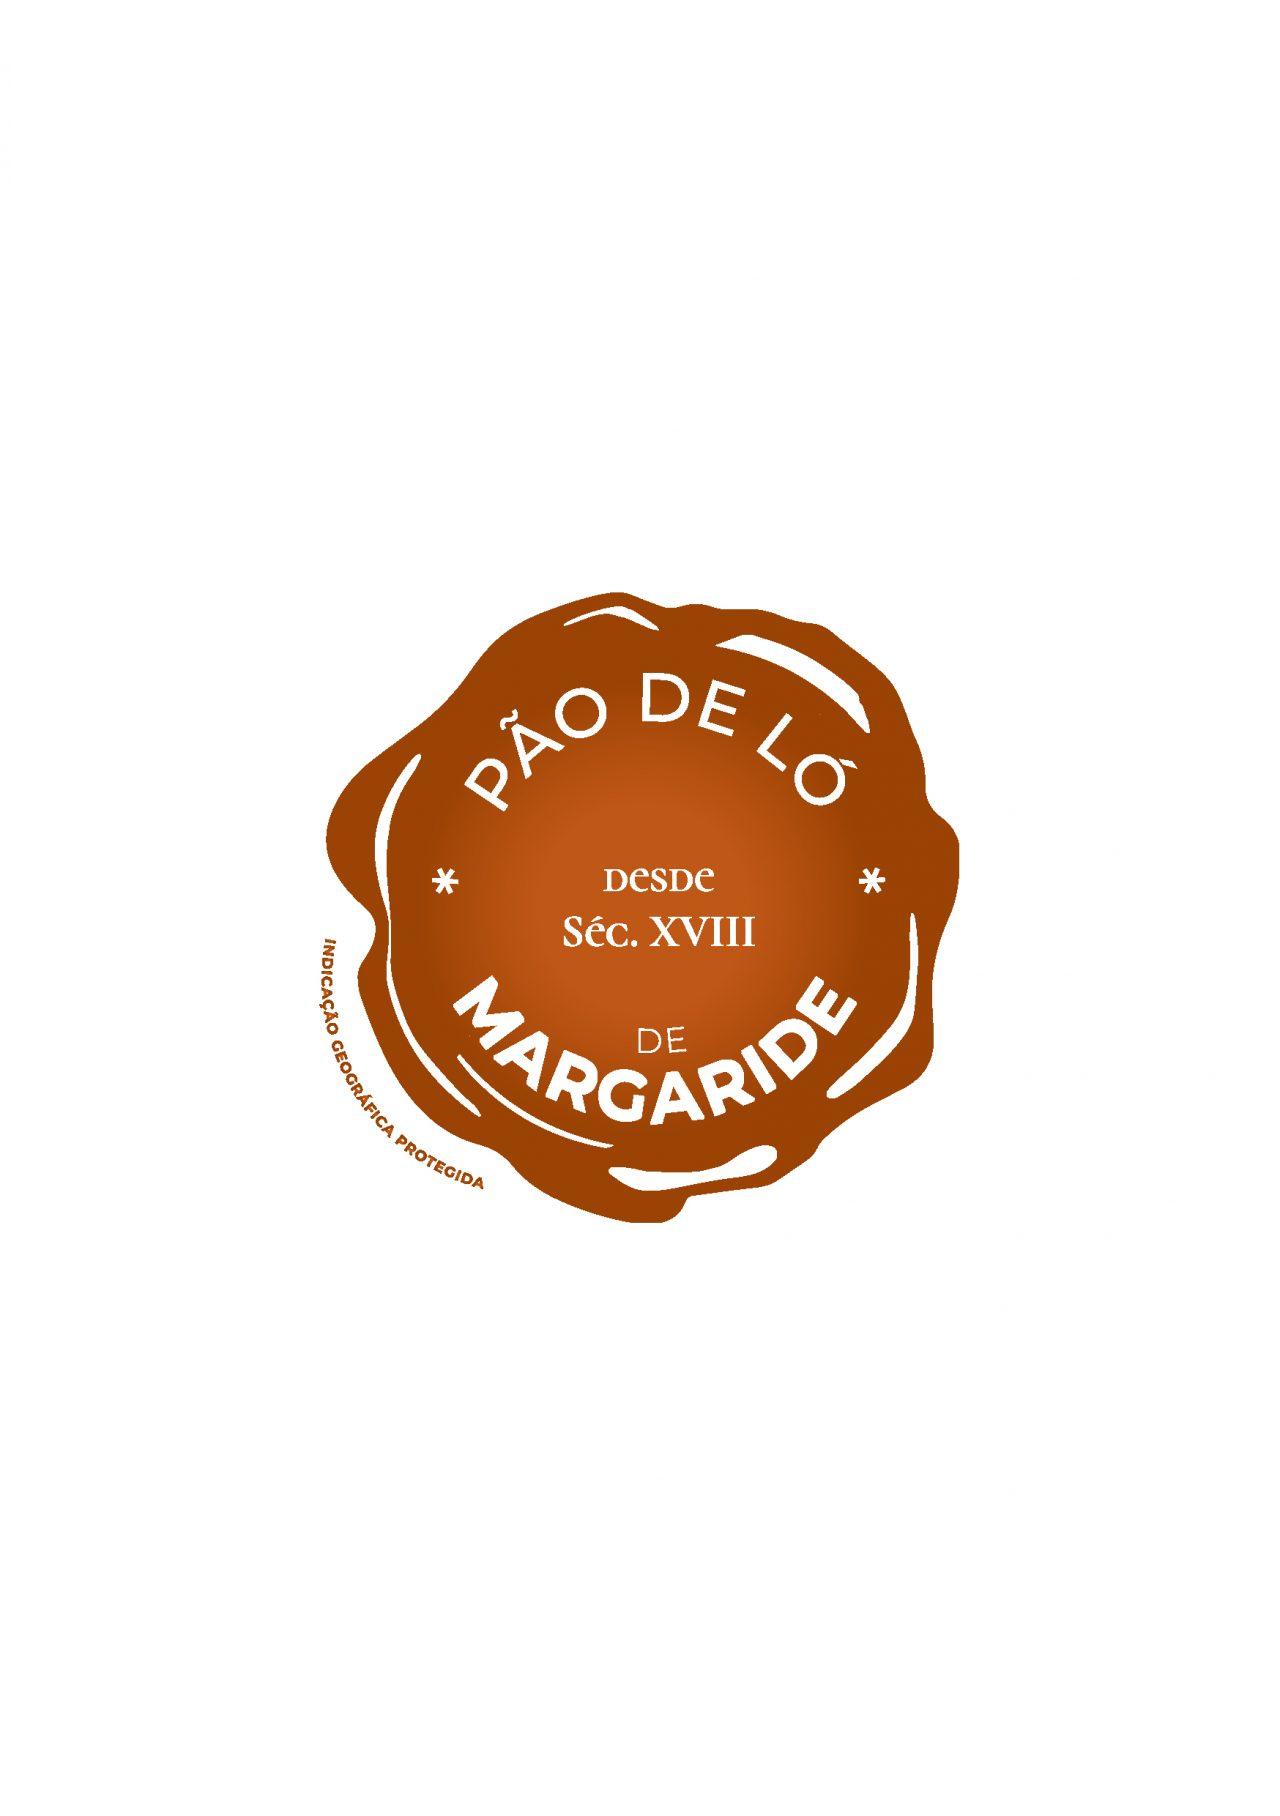 Logo Pão de Ló de Margaride